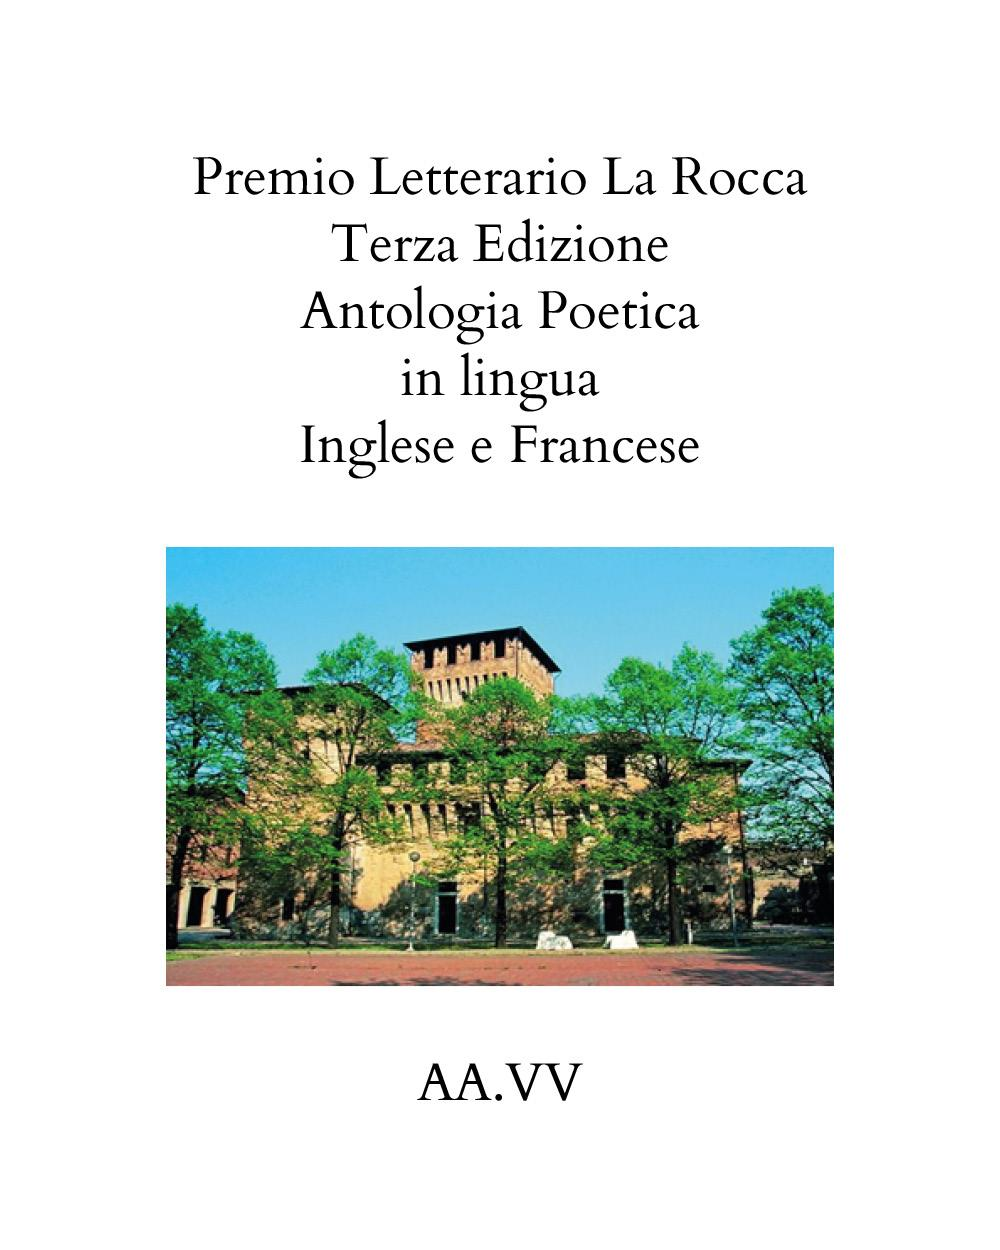 Premio Letterario La Rocca Terza Edizione 2021   Antologia Poetica in lingua   Inglese e Francese AA.VV